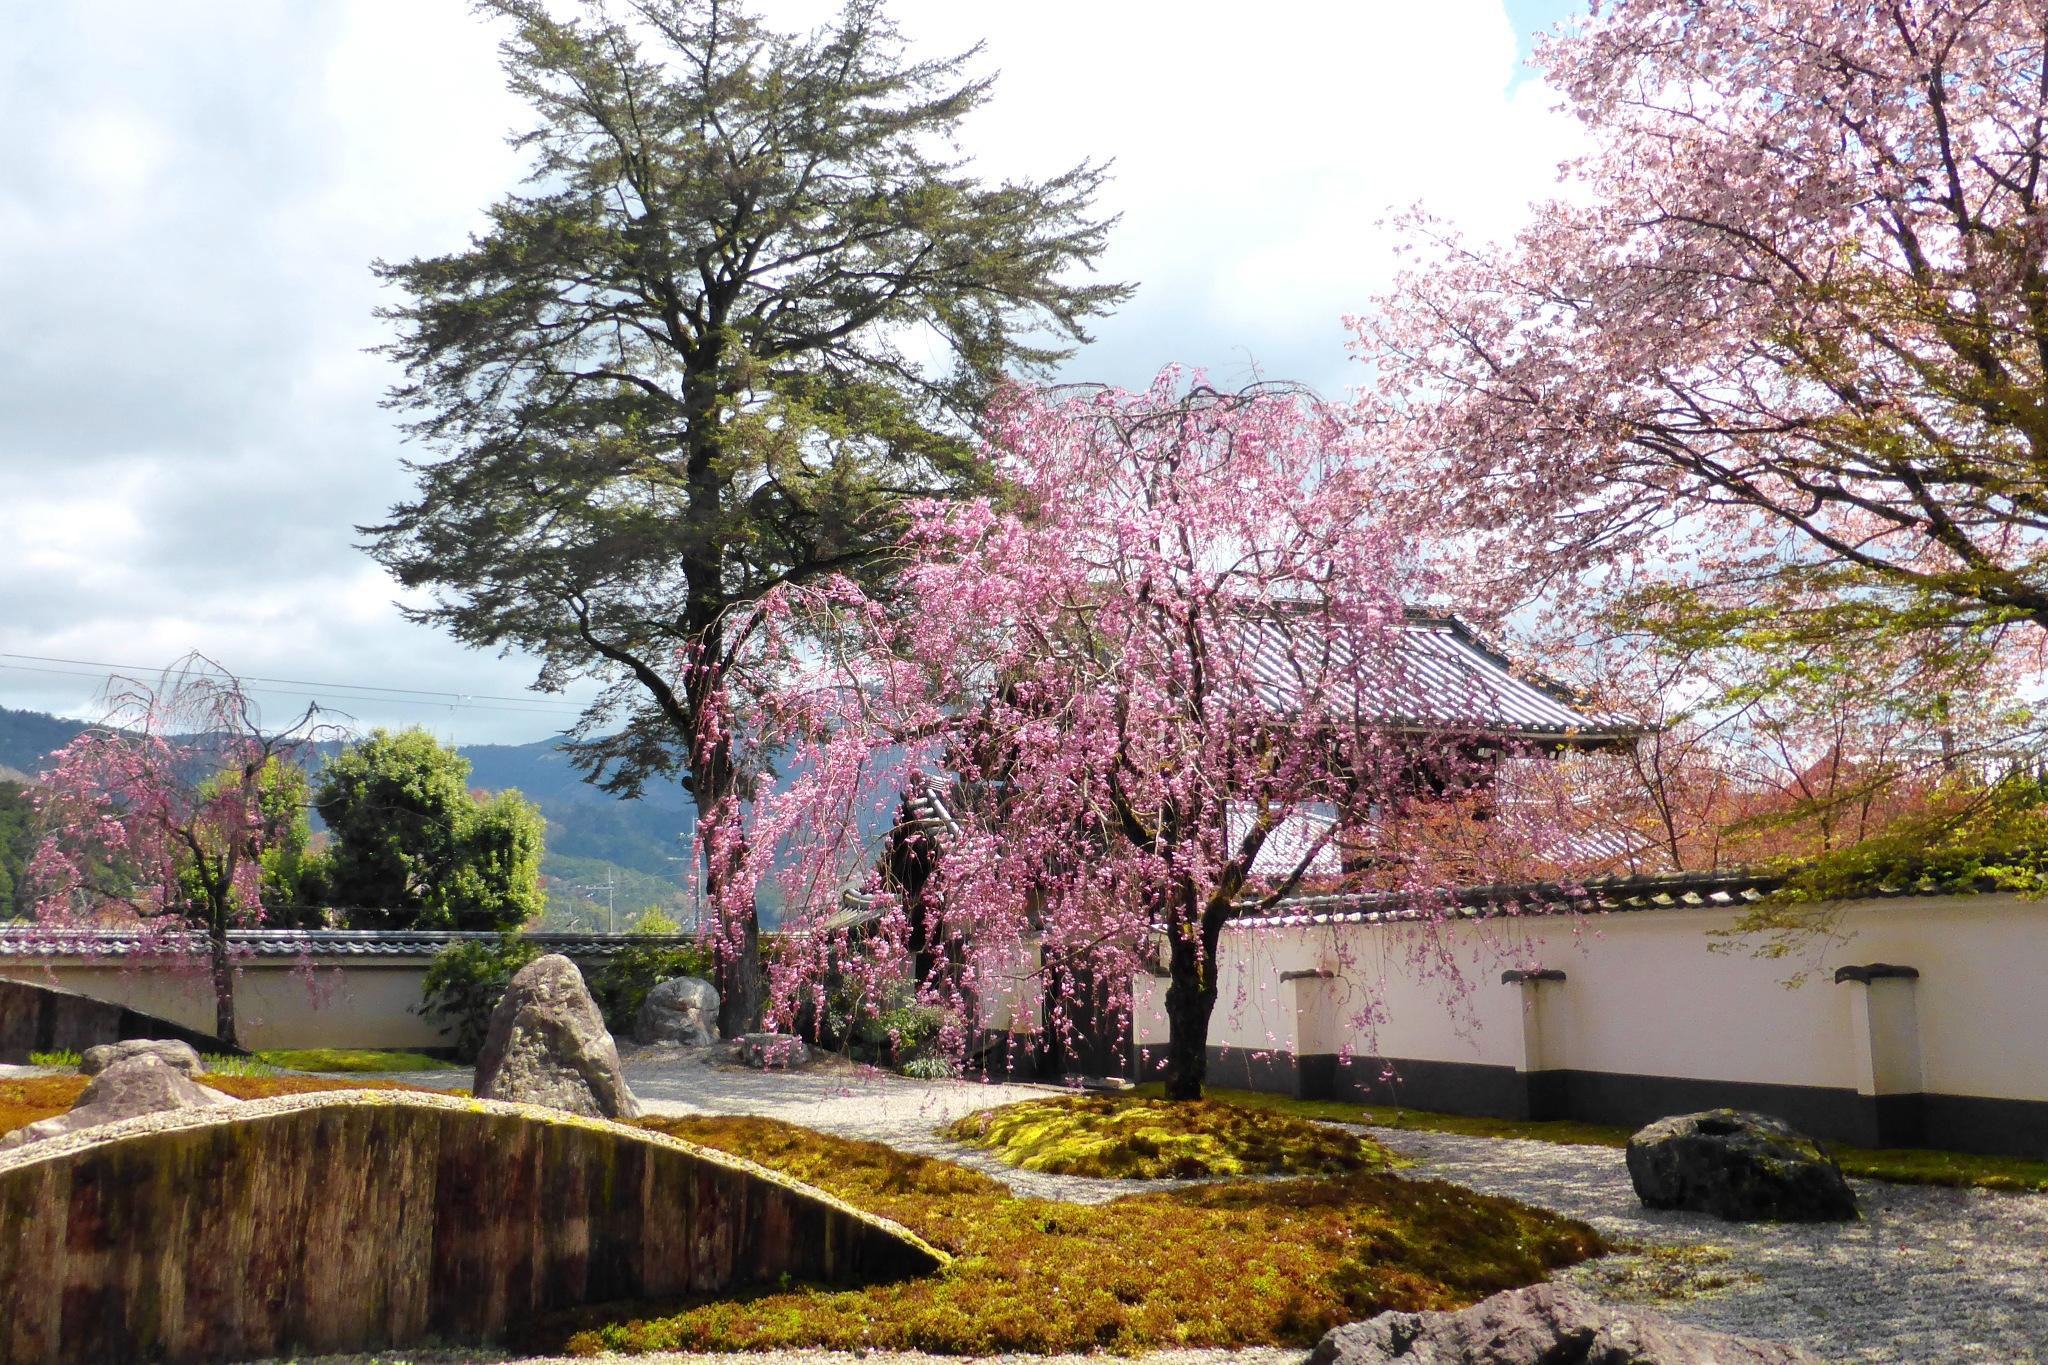 京都市左京区の実相院の庭